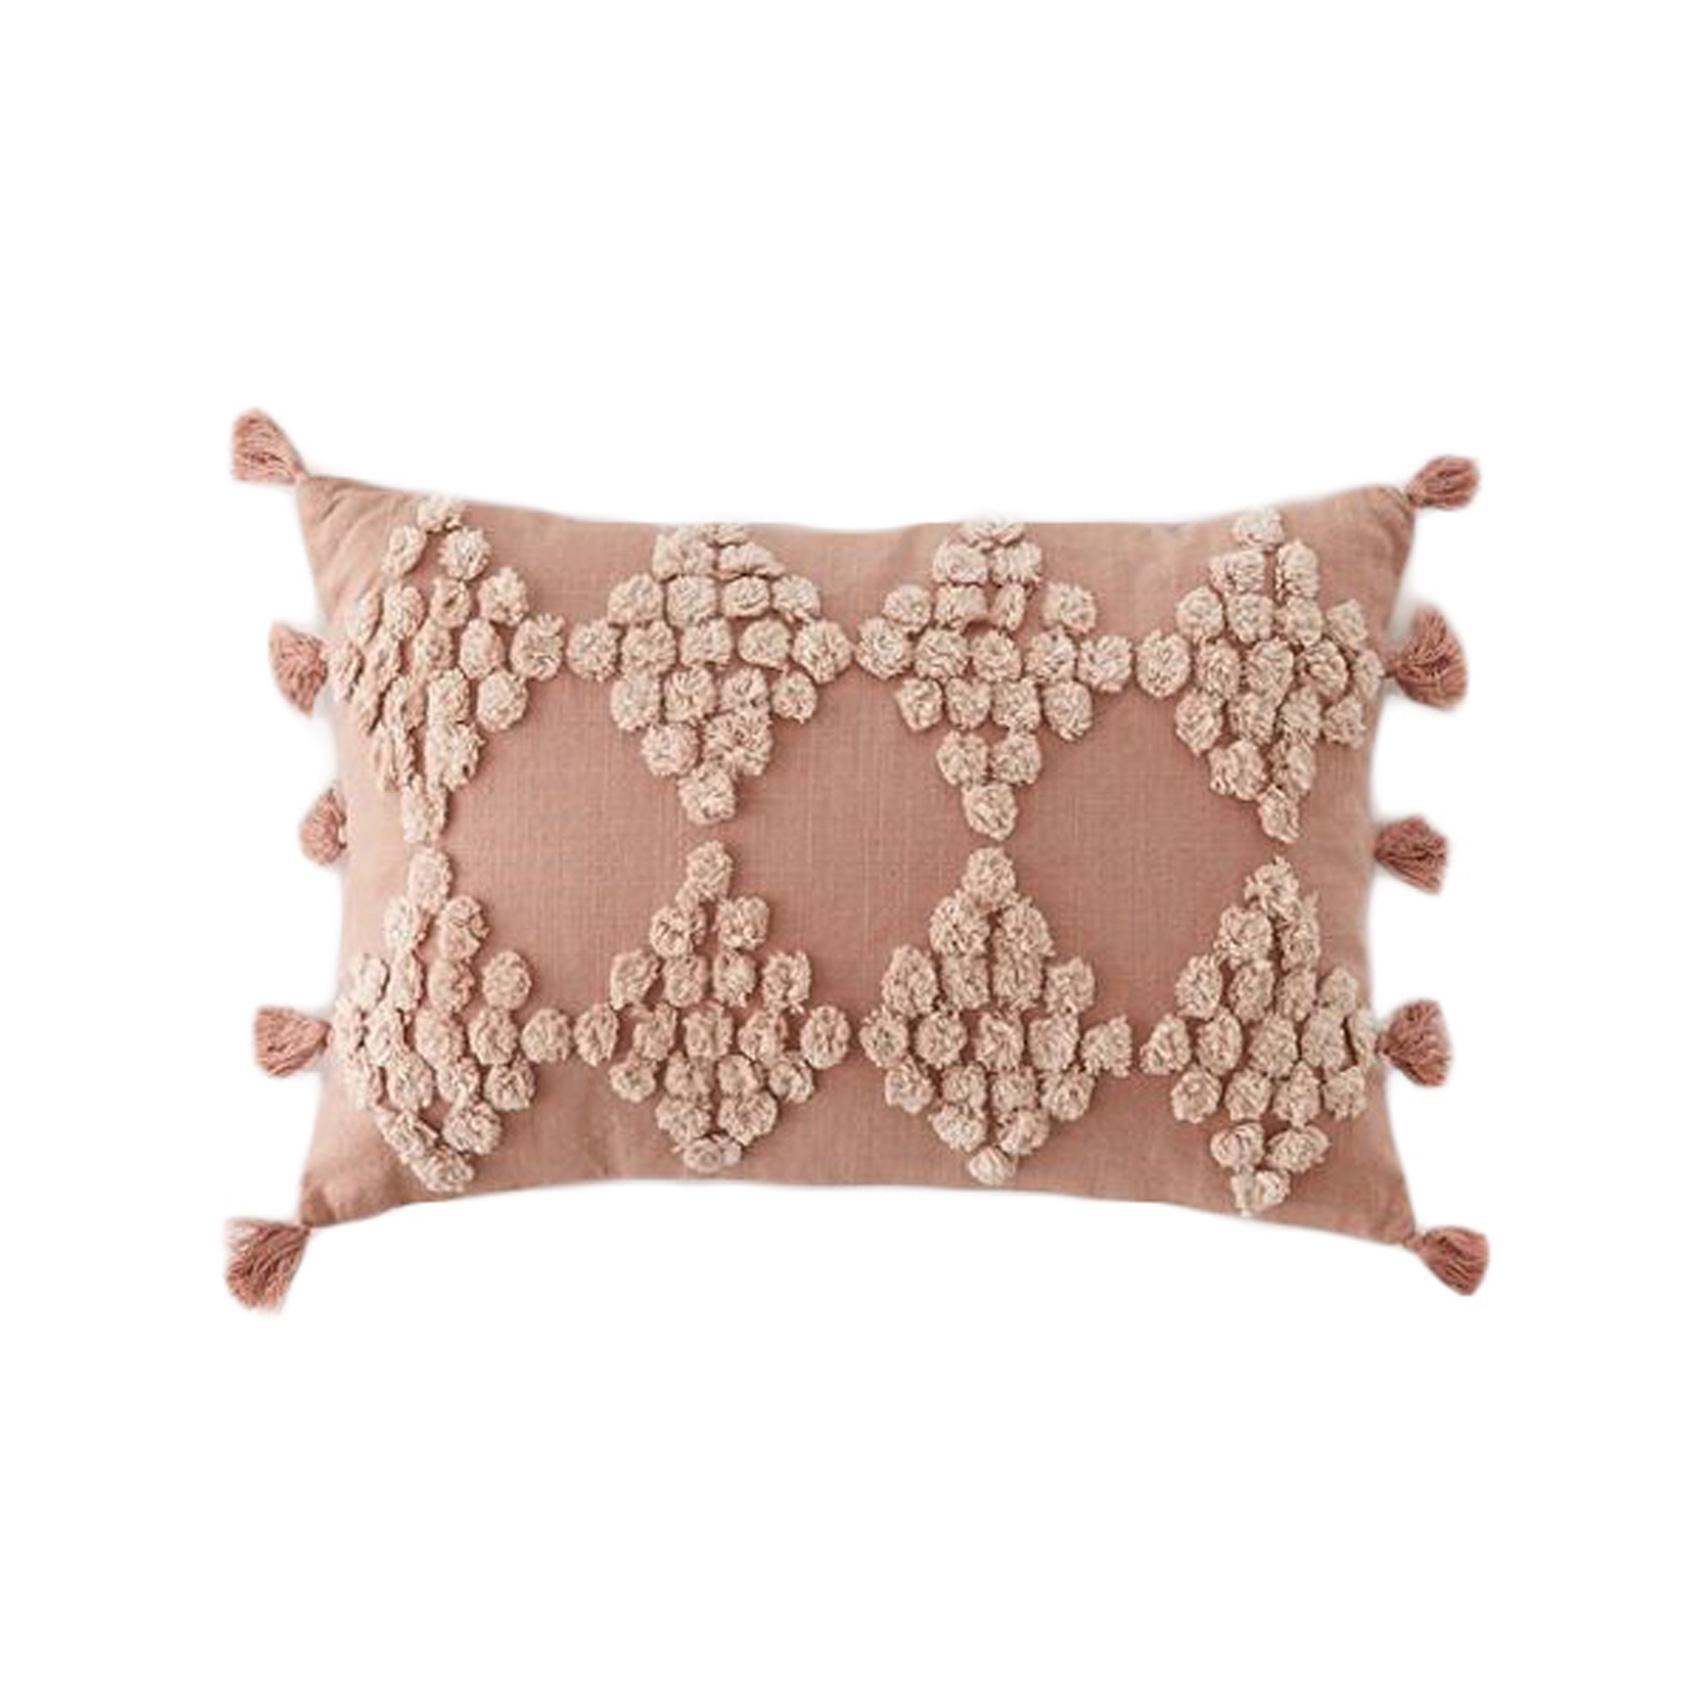 boho bolster throw pillow, boho-chic home decor